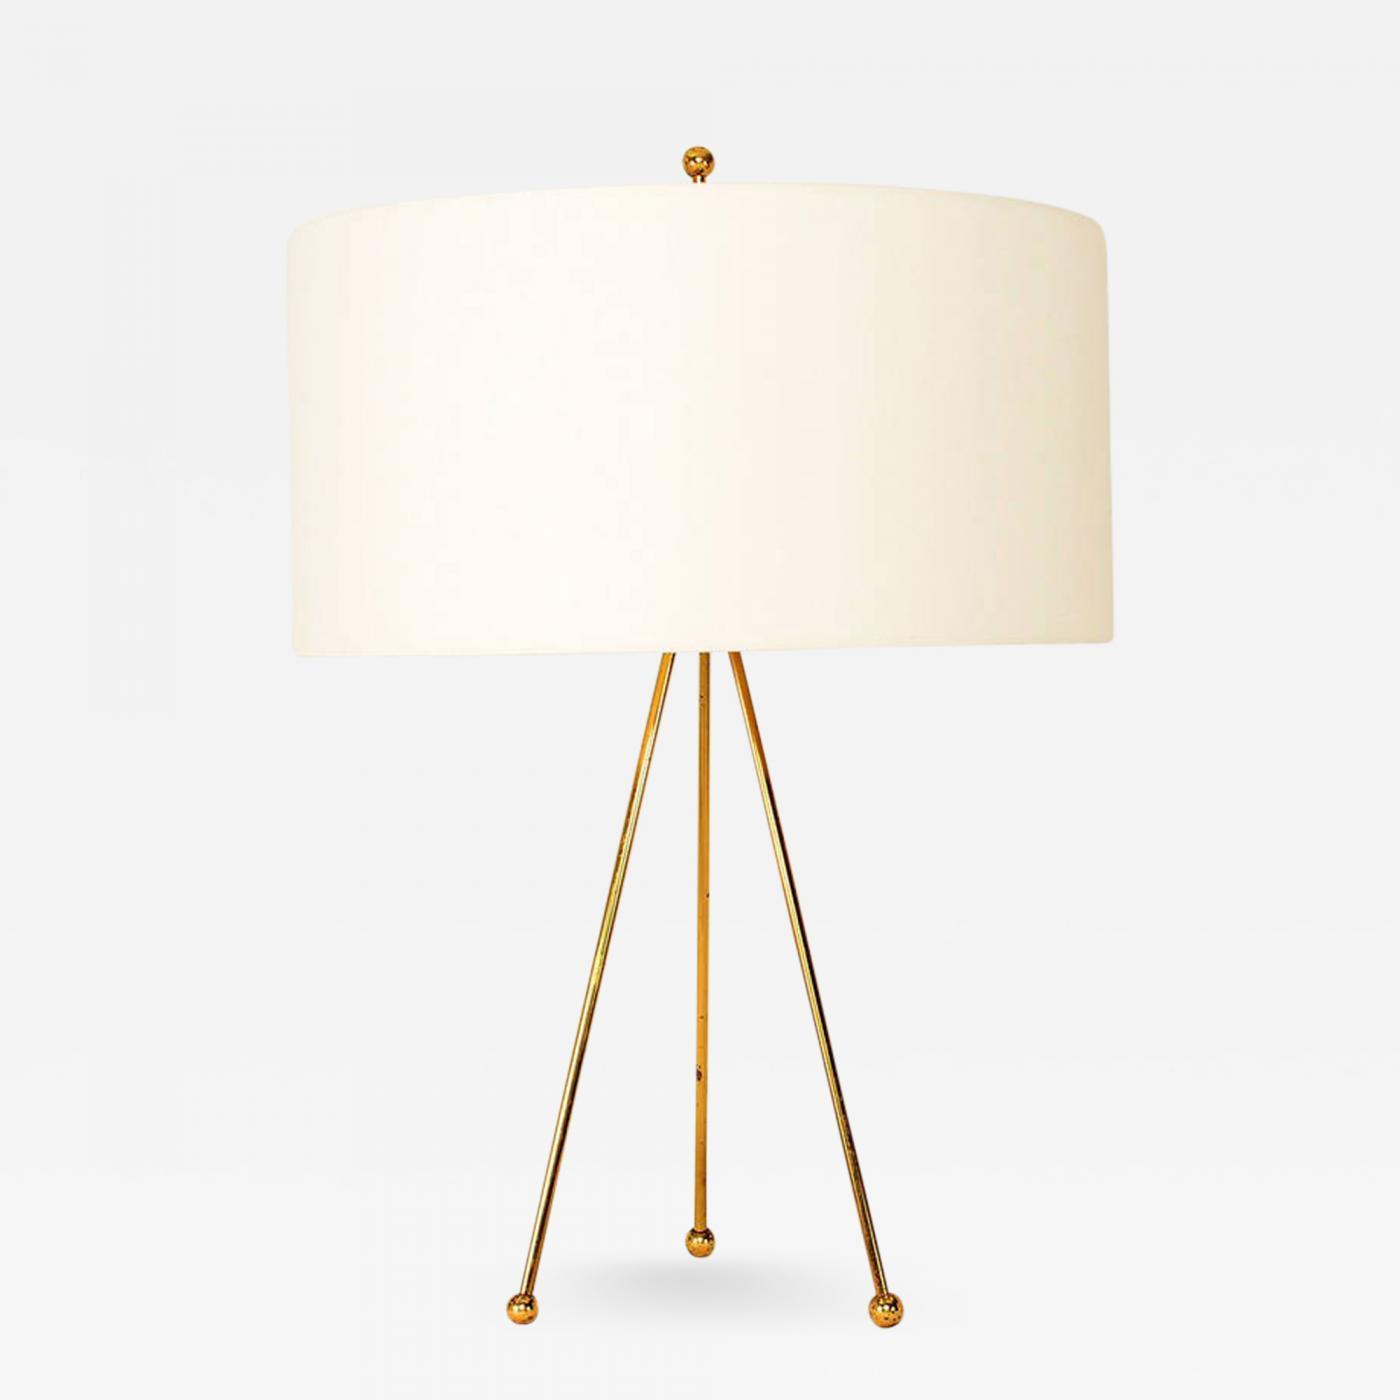 T H Robsjohn Gibbings Mid Century Modern Brass Tripod Table Lamp By Robsjohn Gibbings